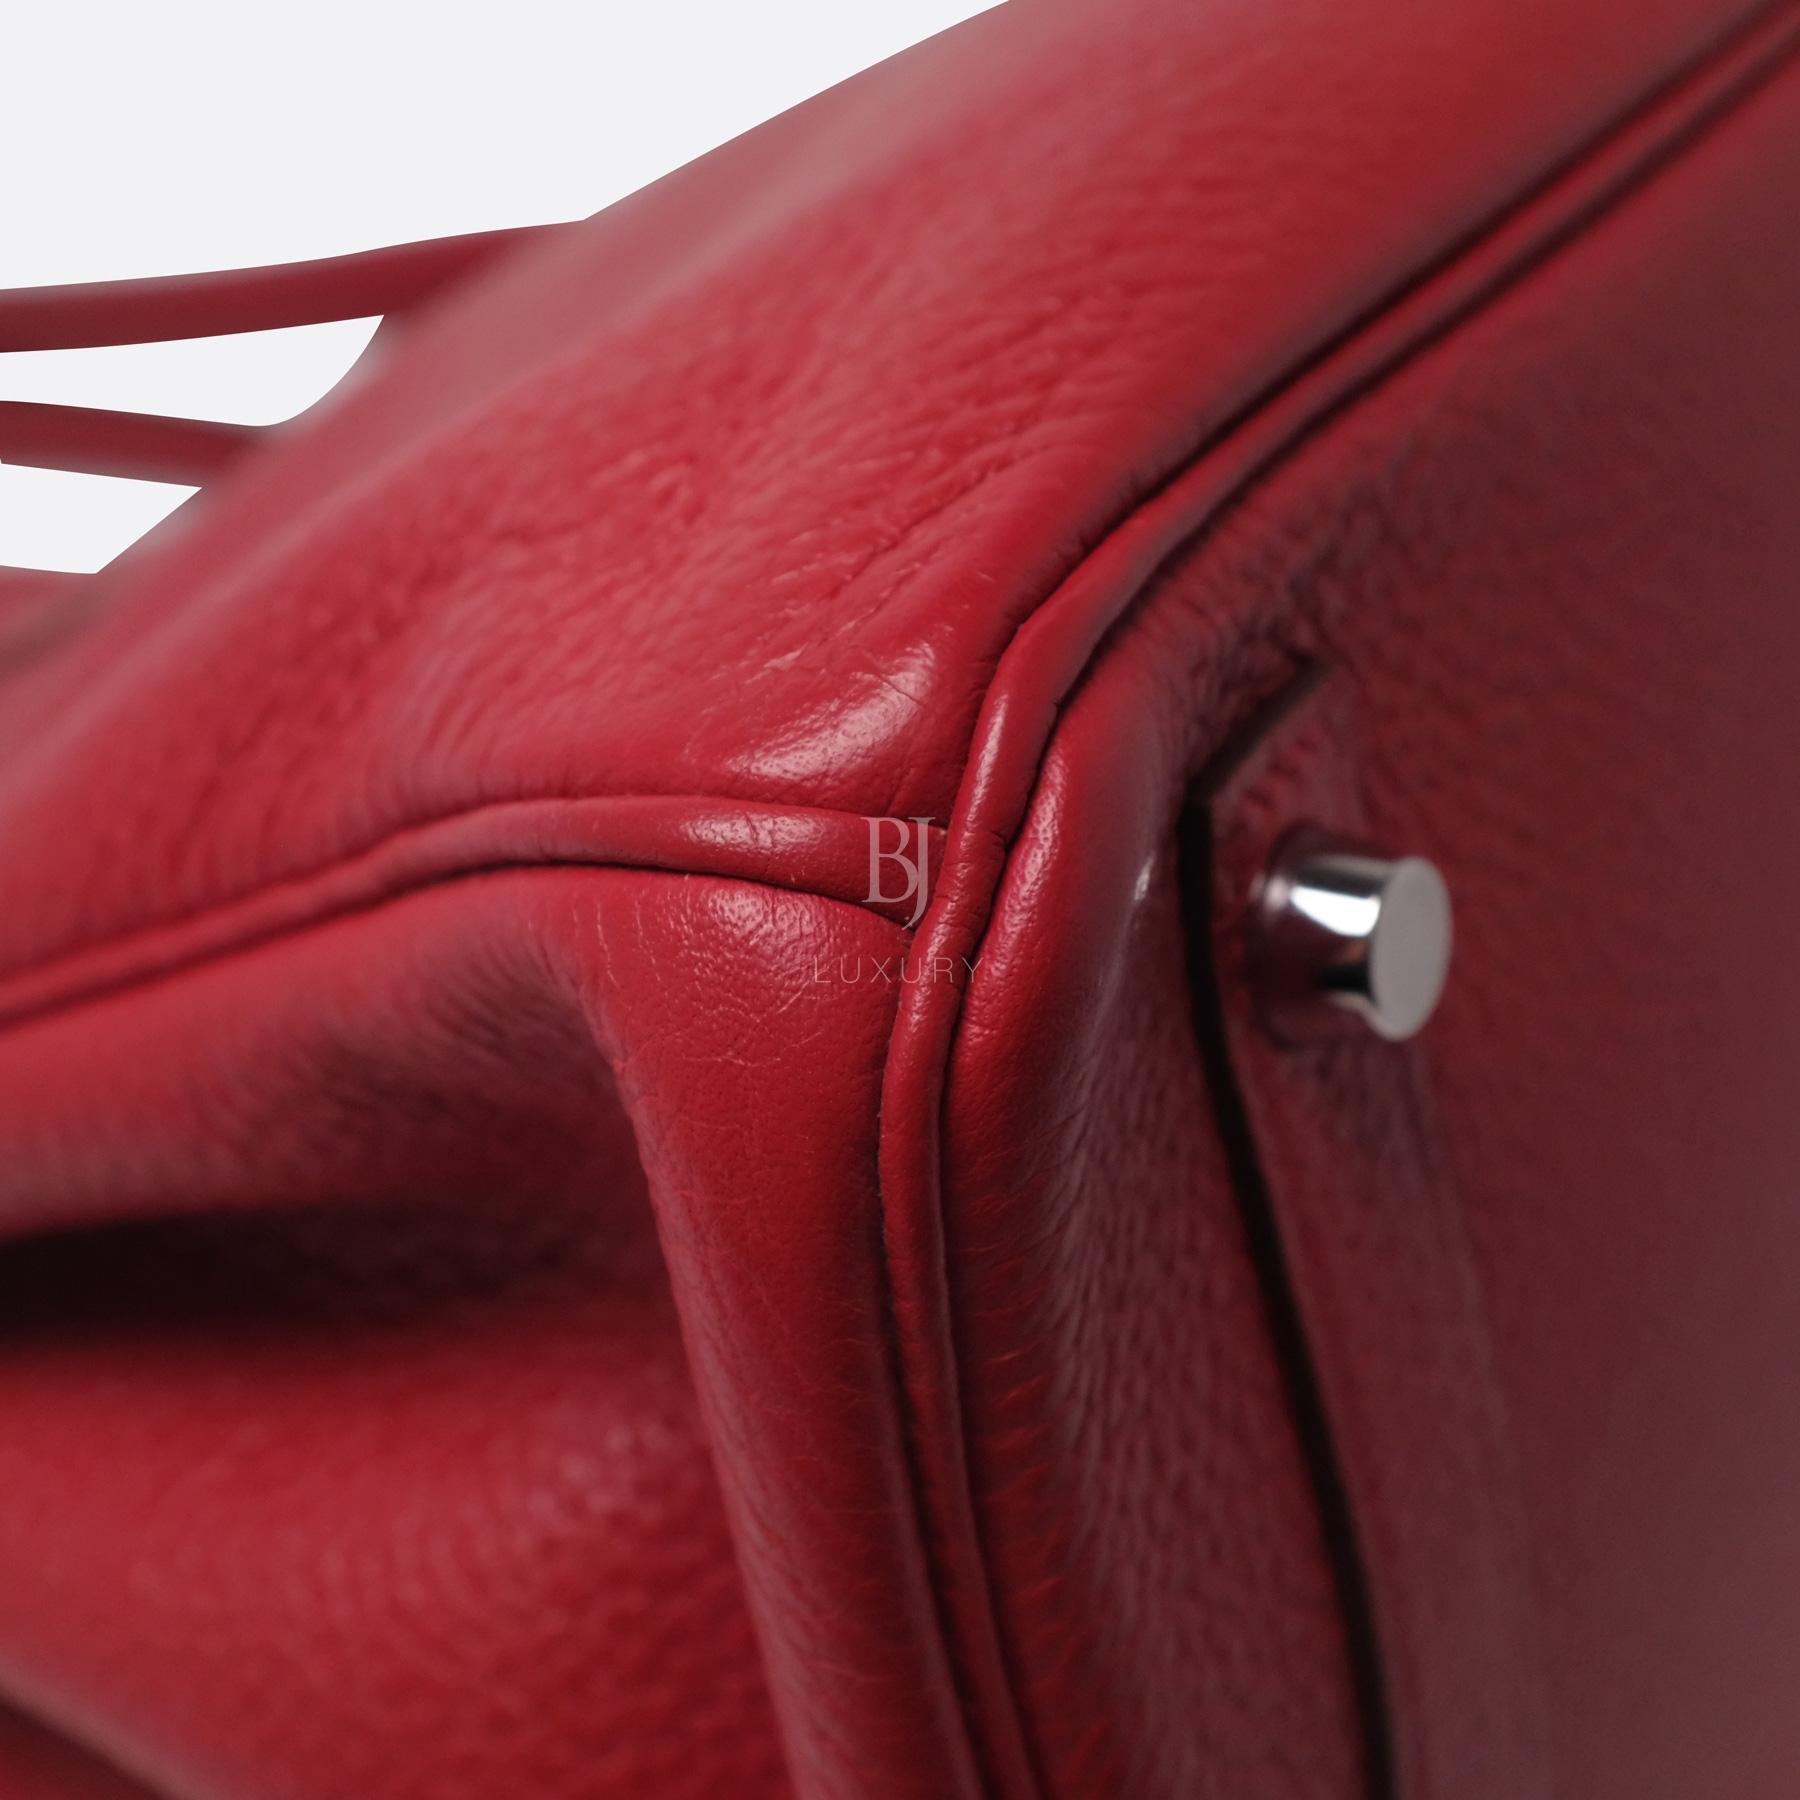 Hermes Birkin 30 Rouge Casaque Clemence Palladium BJ Luxury 19.jpg